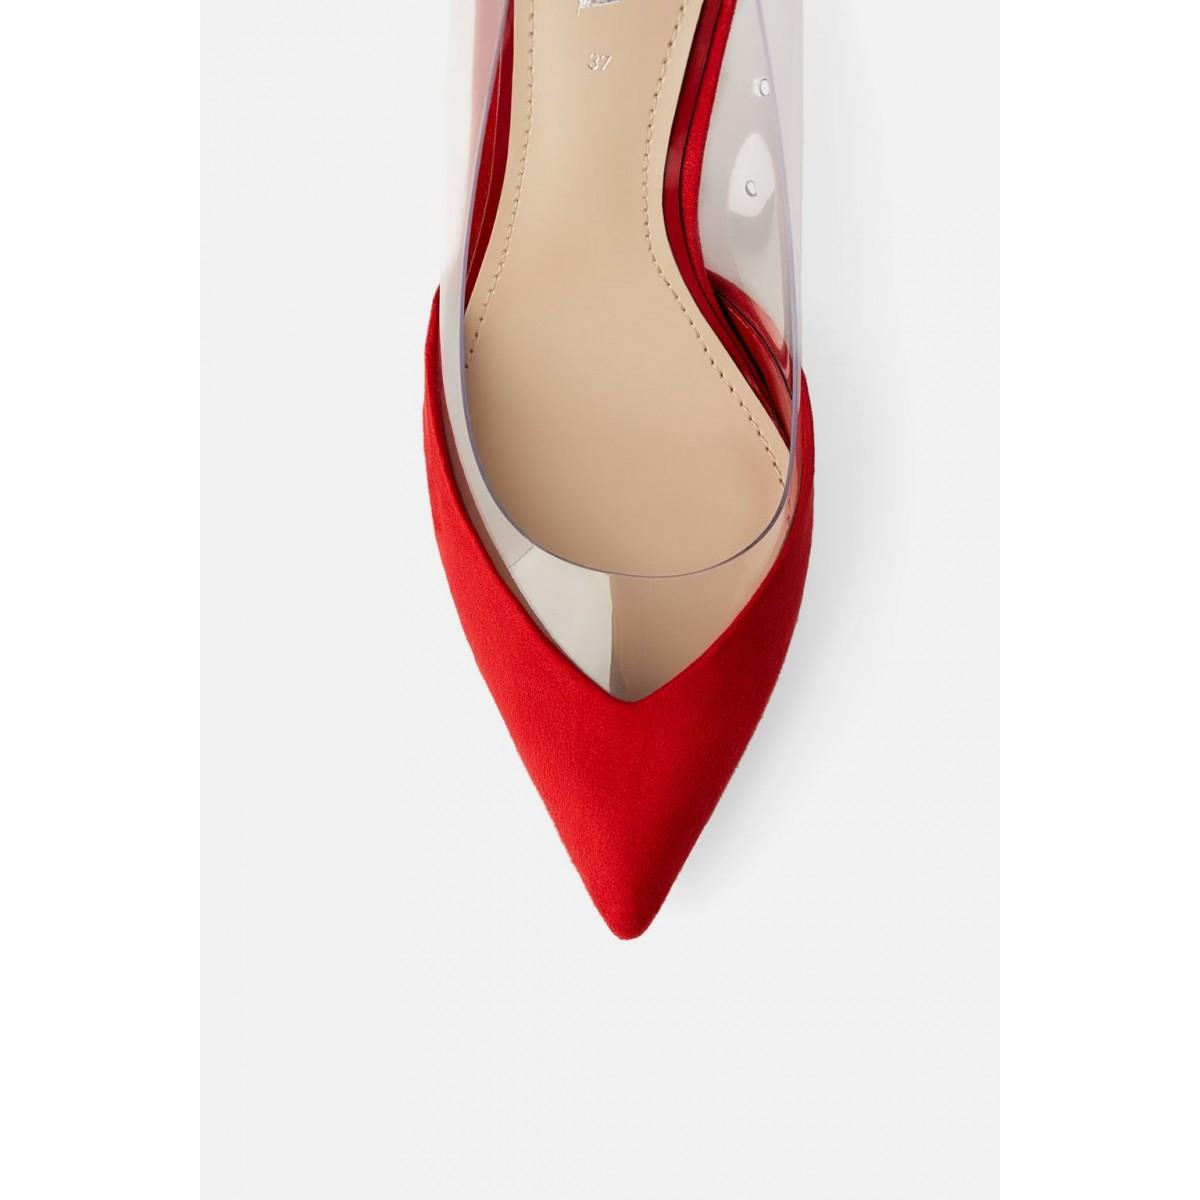 Zara Vinyl High-Heel Shoes (Red)